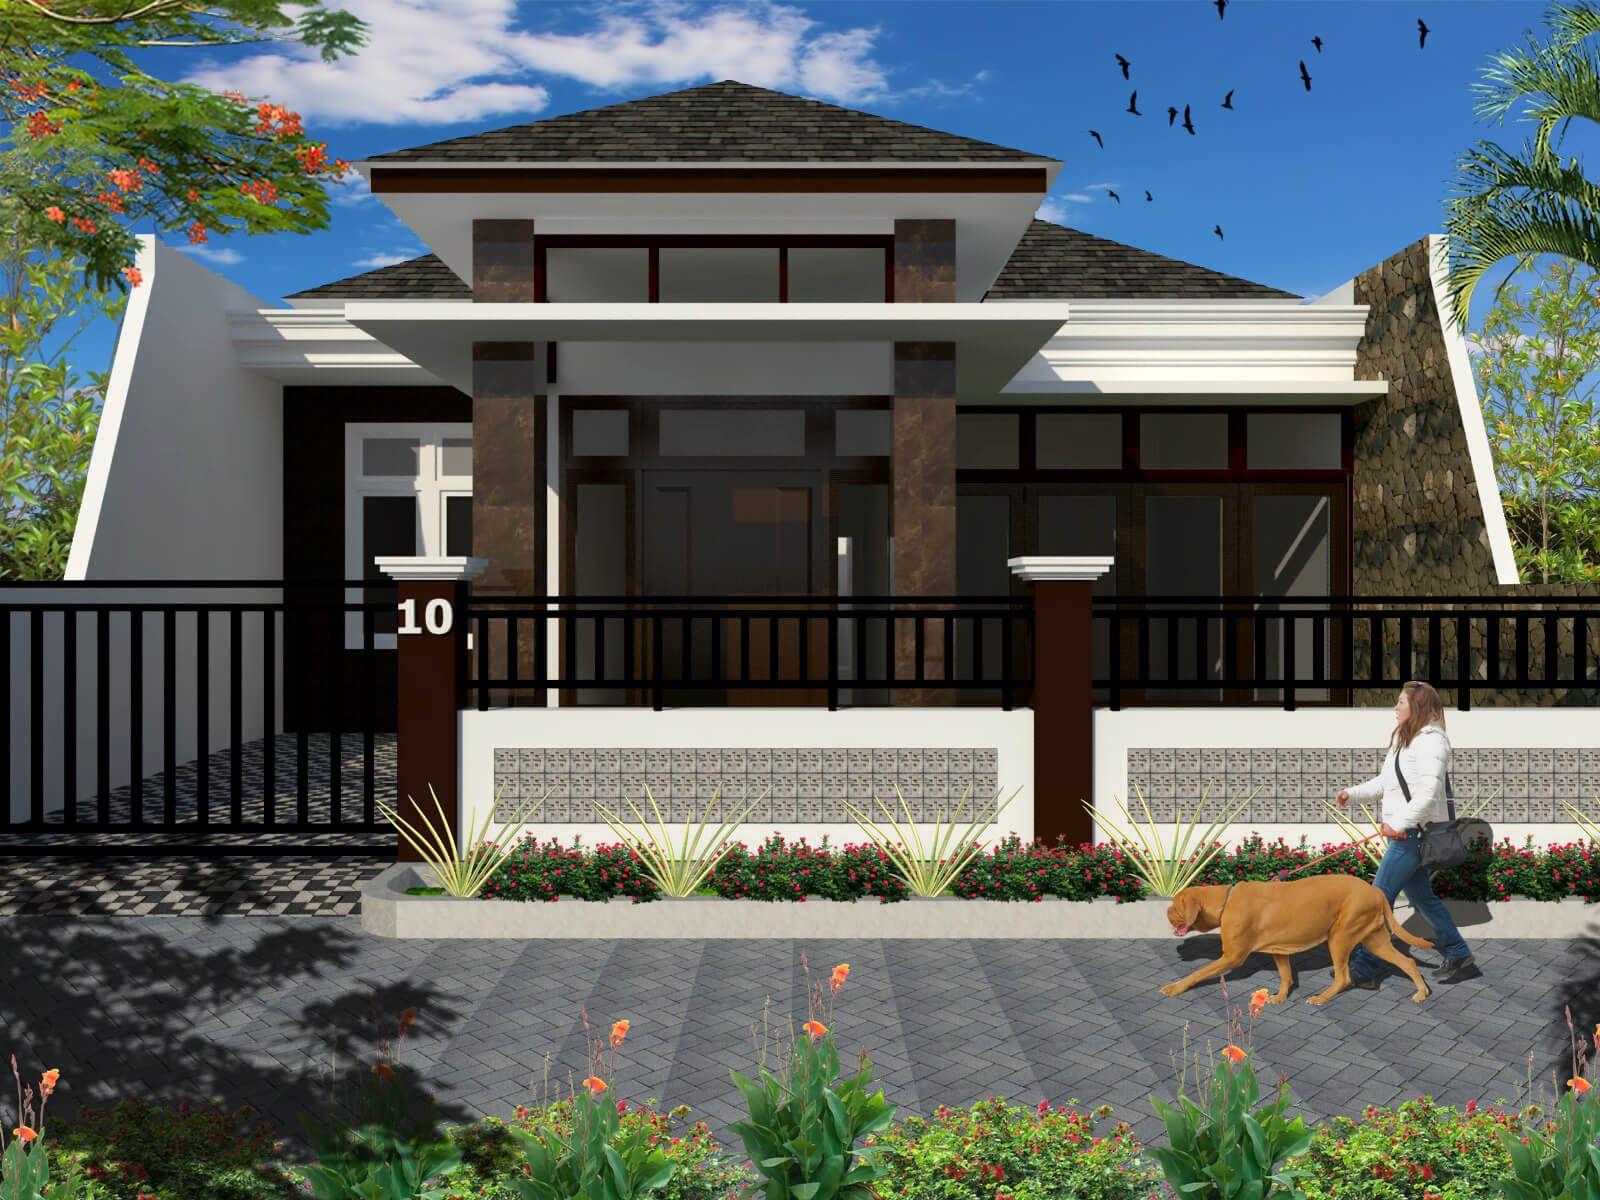 Desain Rumah Mewah 1 Lantai Model Terbaru Bargaya Modern Desain Rumah Rumah Mewah Rumah